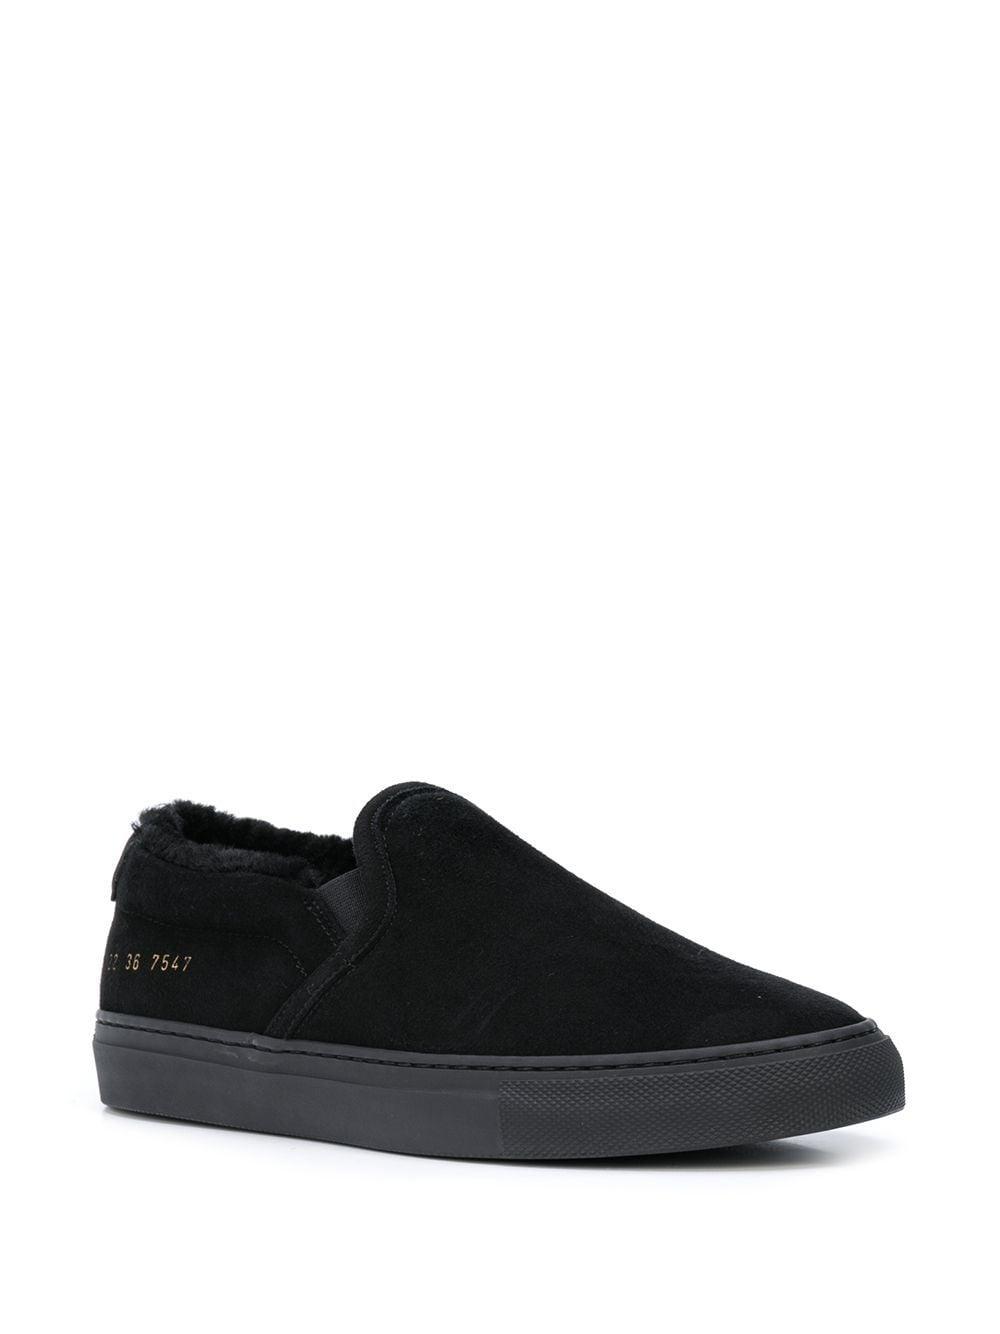 Zapatillas bajas slip-on Common Projects de Ante de color Negro